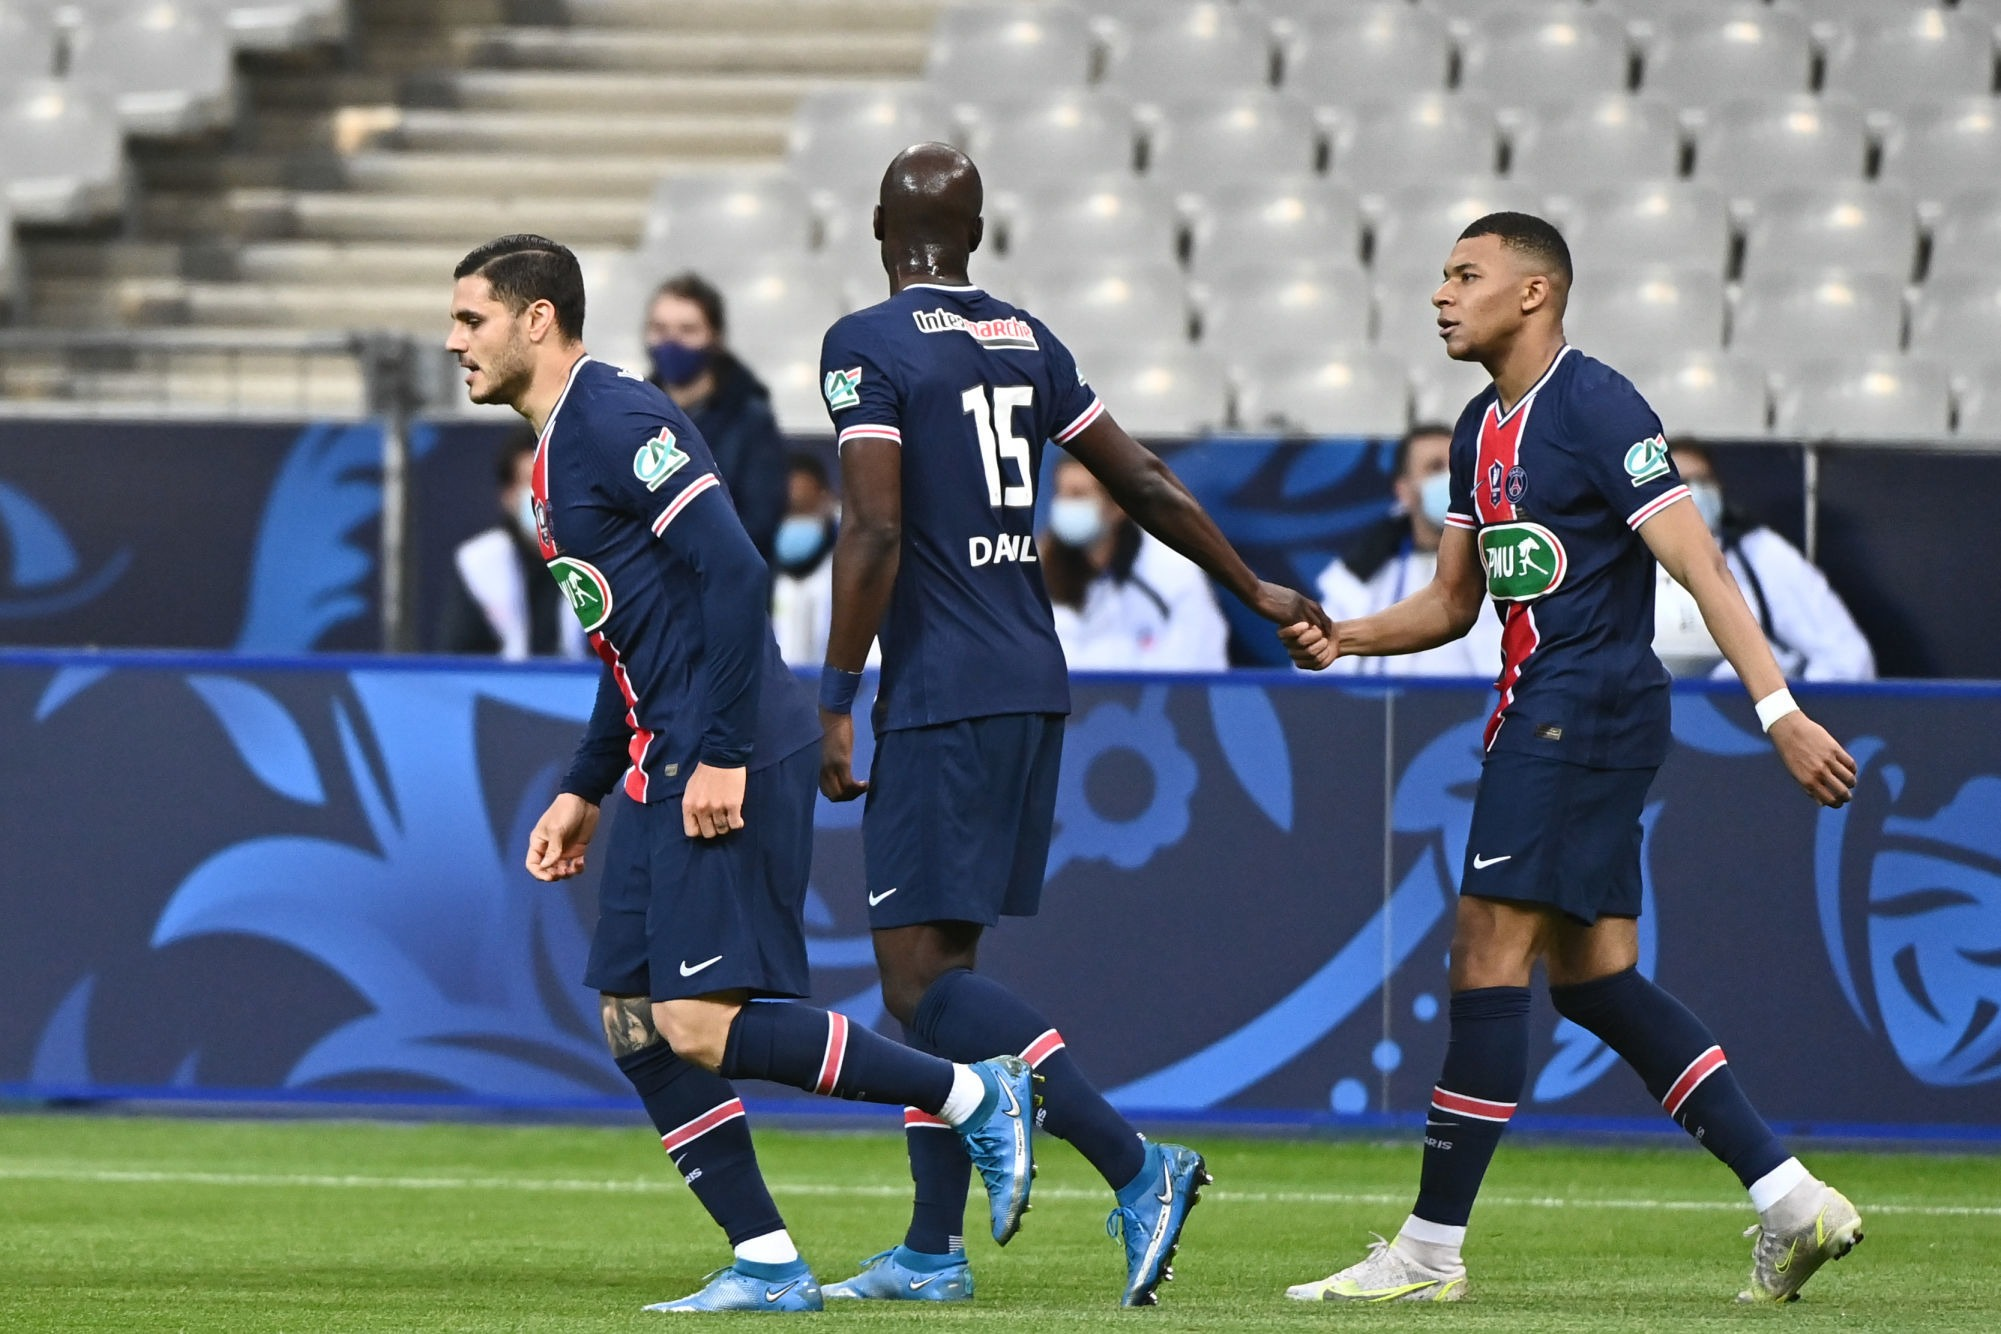 Monaco/PSG - Les notes des Parisiens : finale remportée au collectif, Mbappé décisif